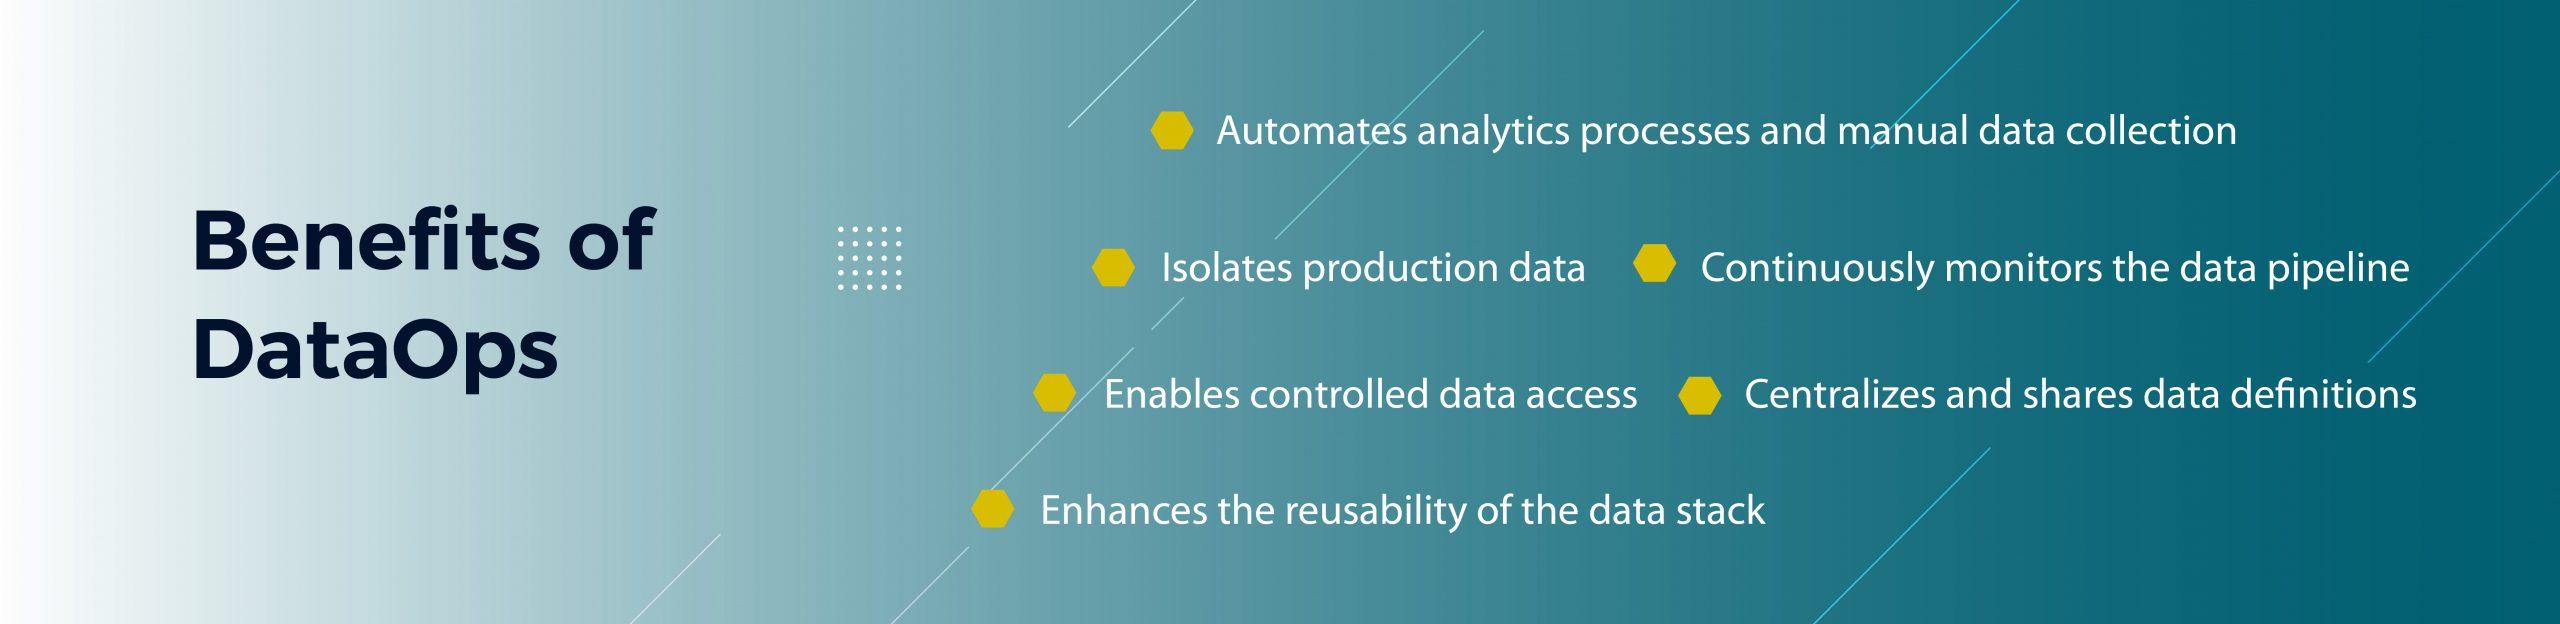 Benefits of DataOps